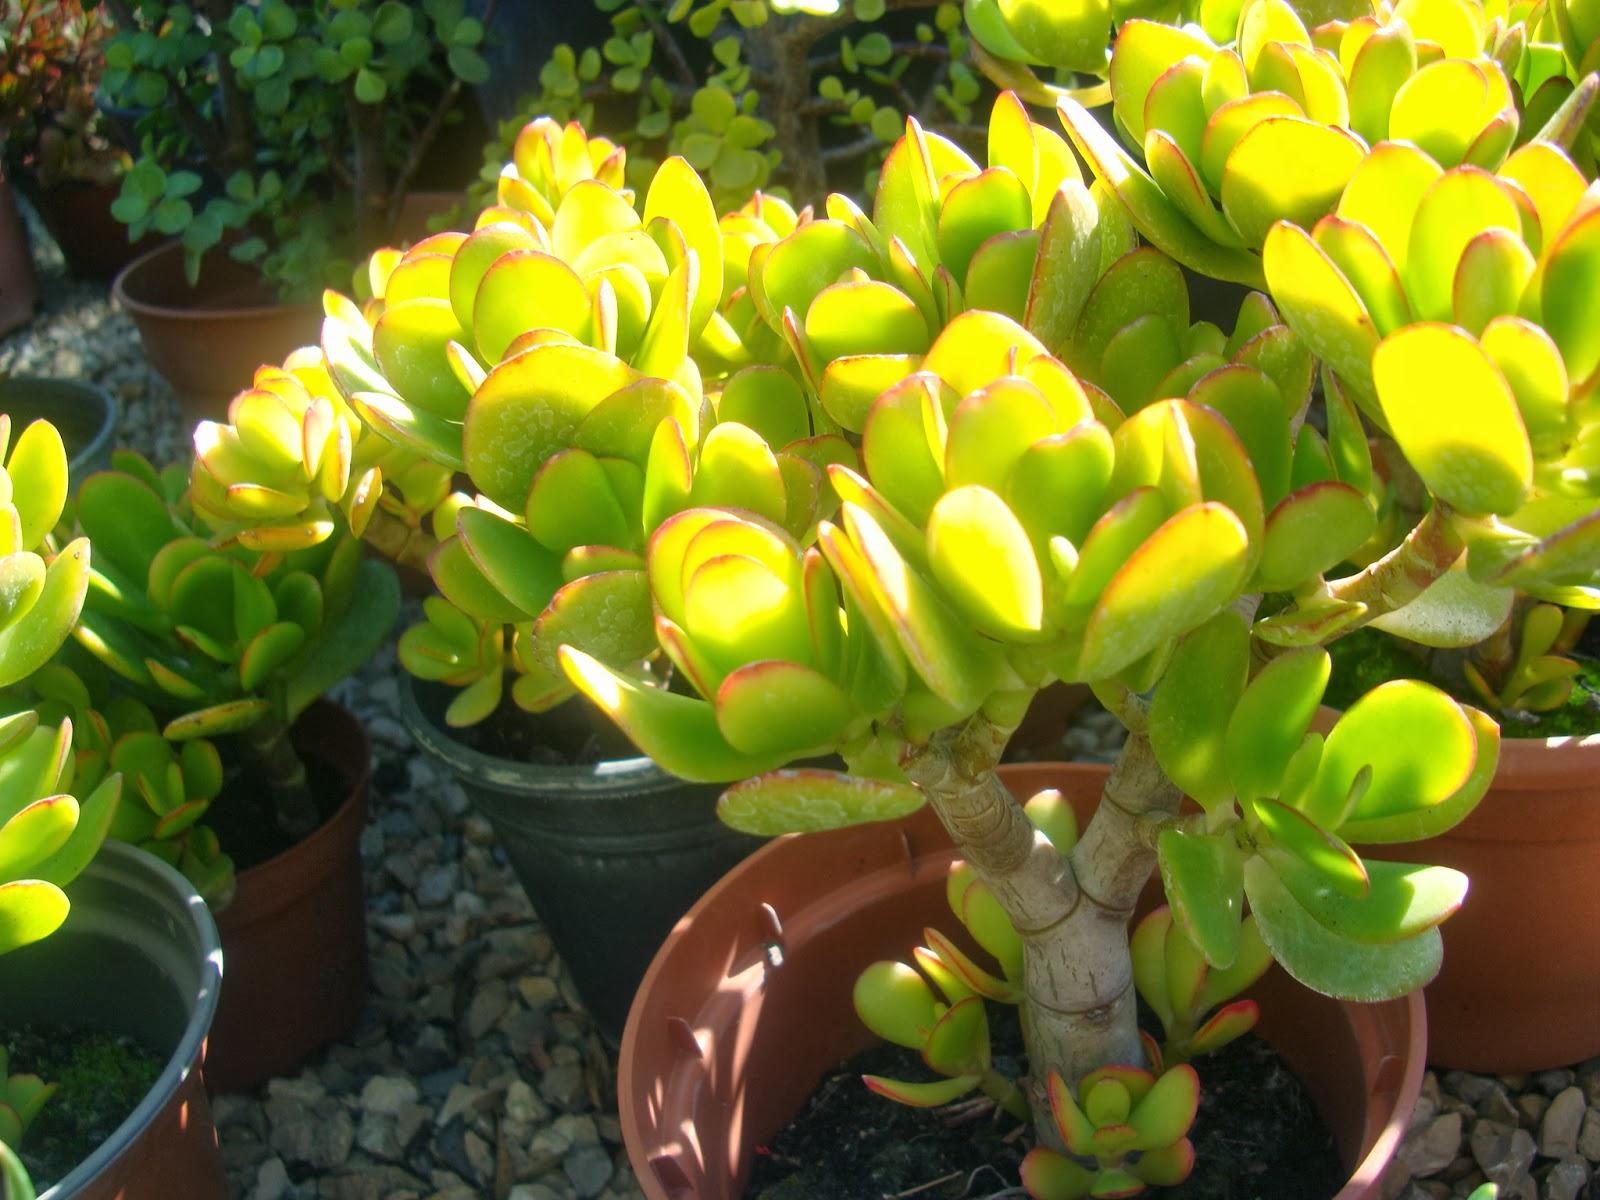 Plantas aromaticas ornamentais e ex ticas pre rio de - Plantas aromaticas exterior ...